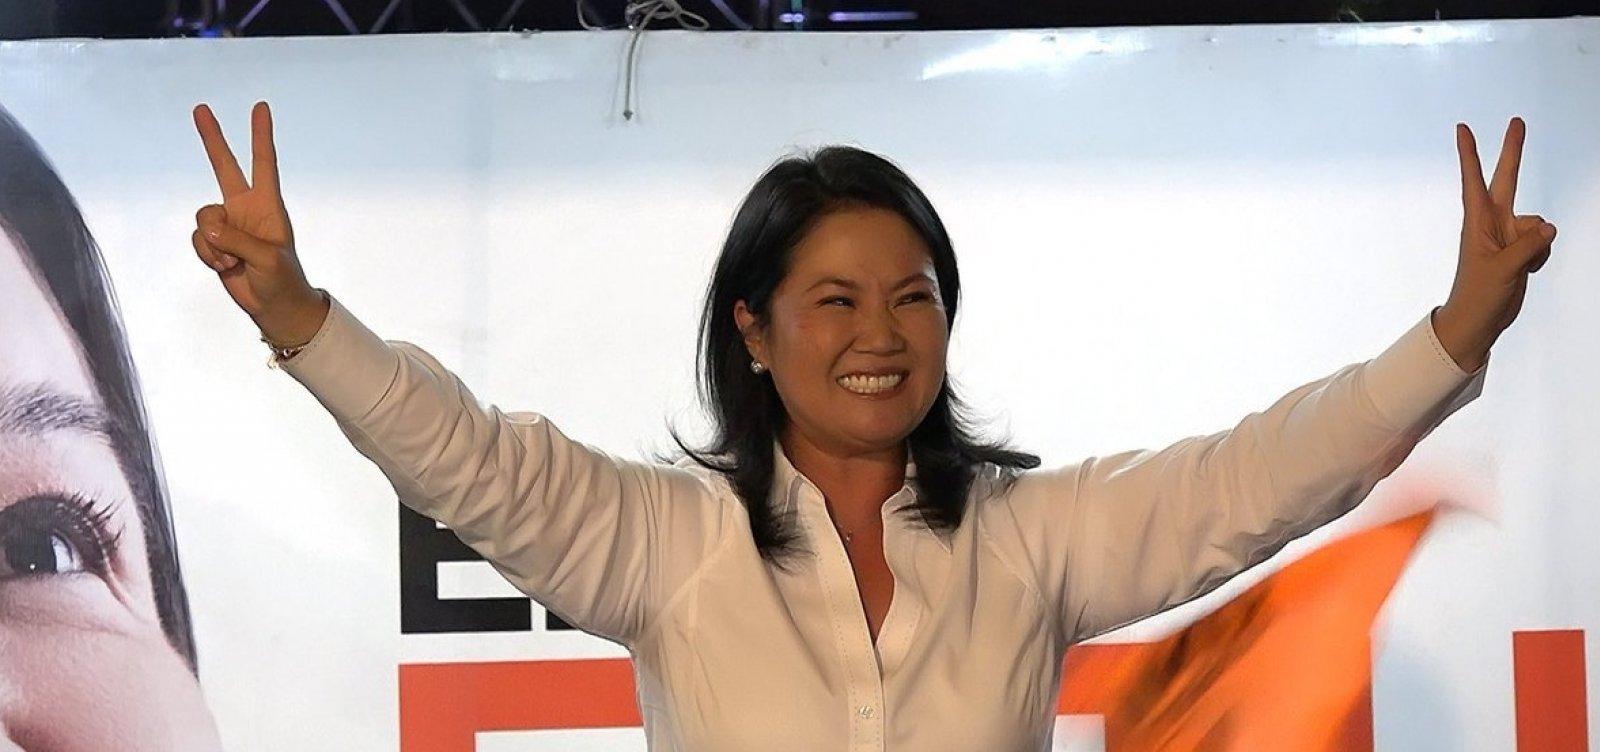 [Keiko Fujimori é levada para prisão no Peru]